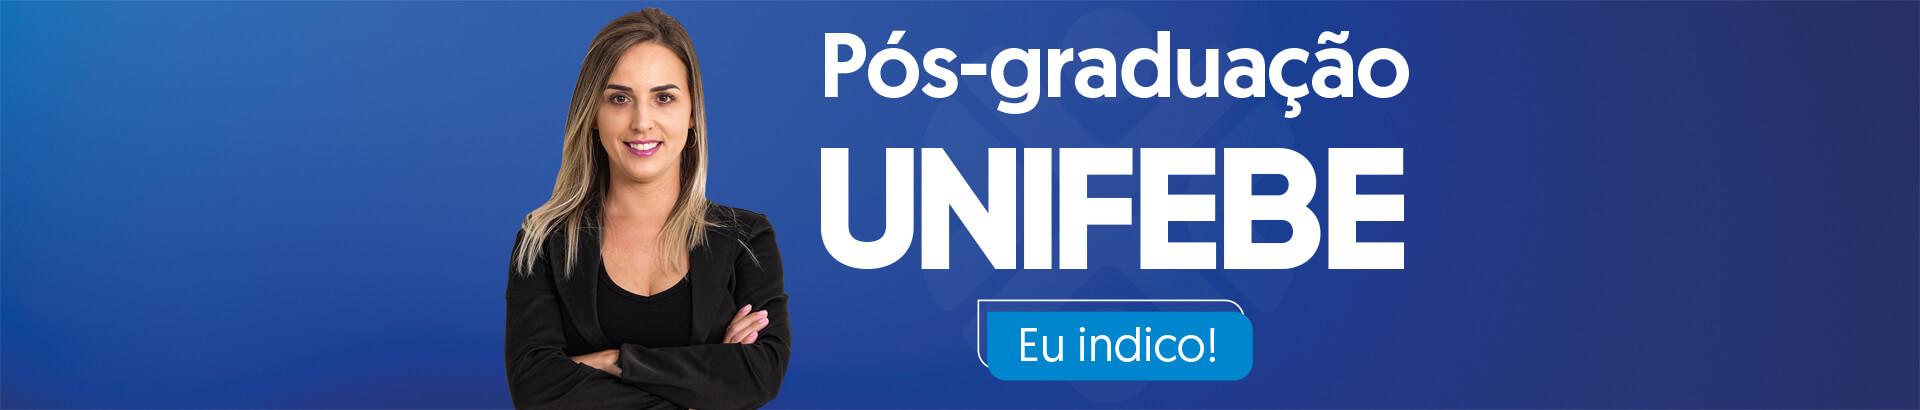 REF1-Unifebe-Pós-Graduação-Banner-Site-1920x410